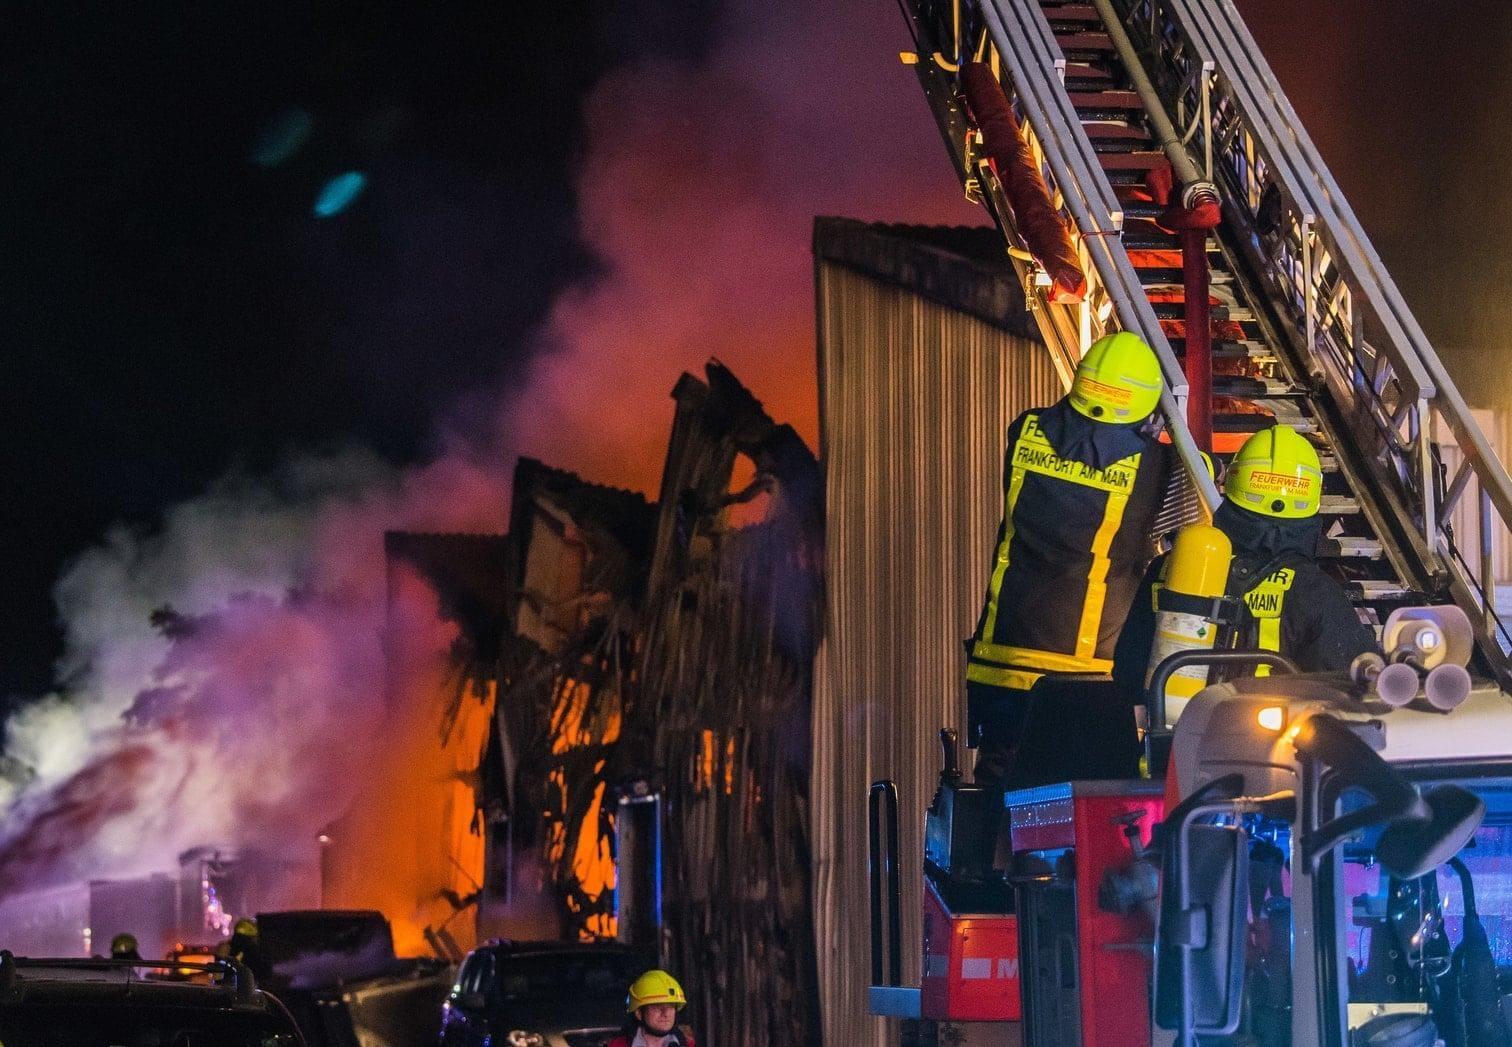 <p>Zahlreiche dort befindliche Fahrzeuge wurden von den Flammen zerstört.</p> Foto: dpa